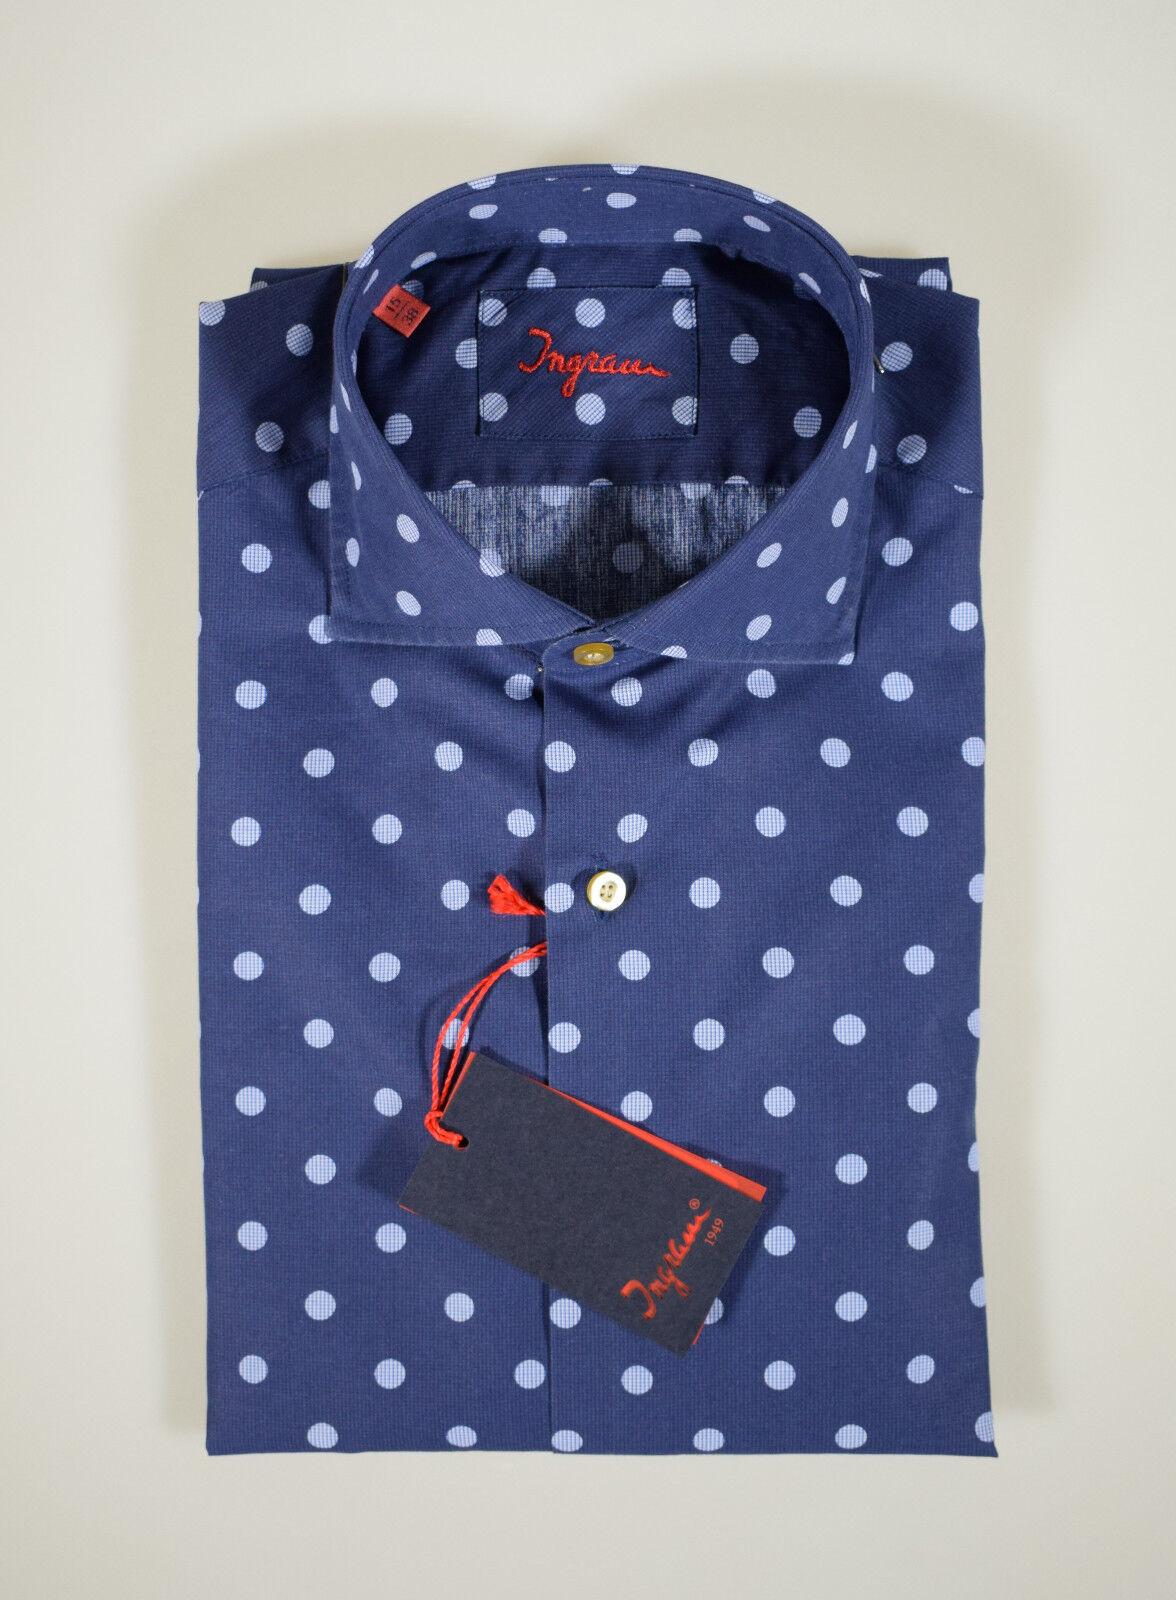 Camicia moda Ingram slim fit Blau a pois in puro cotone lavato collo francese